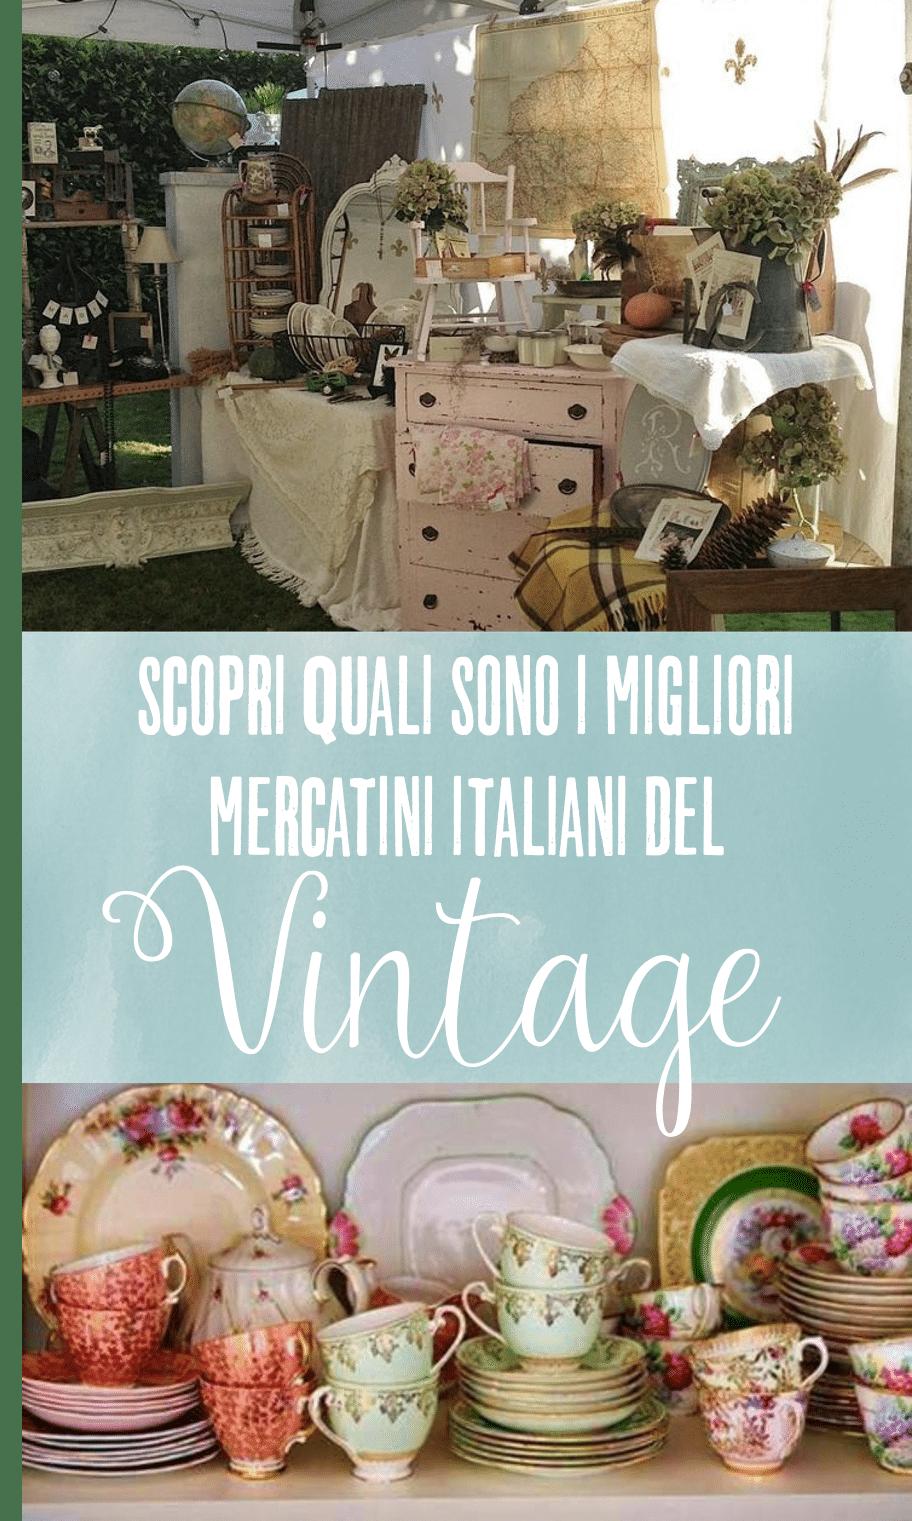 Mercatini italiani del vintage